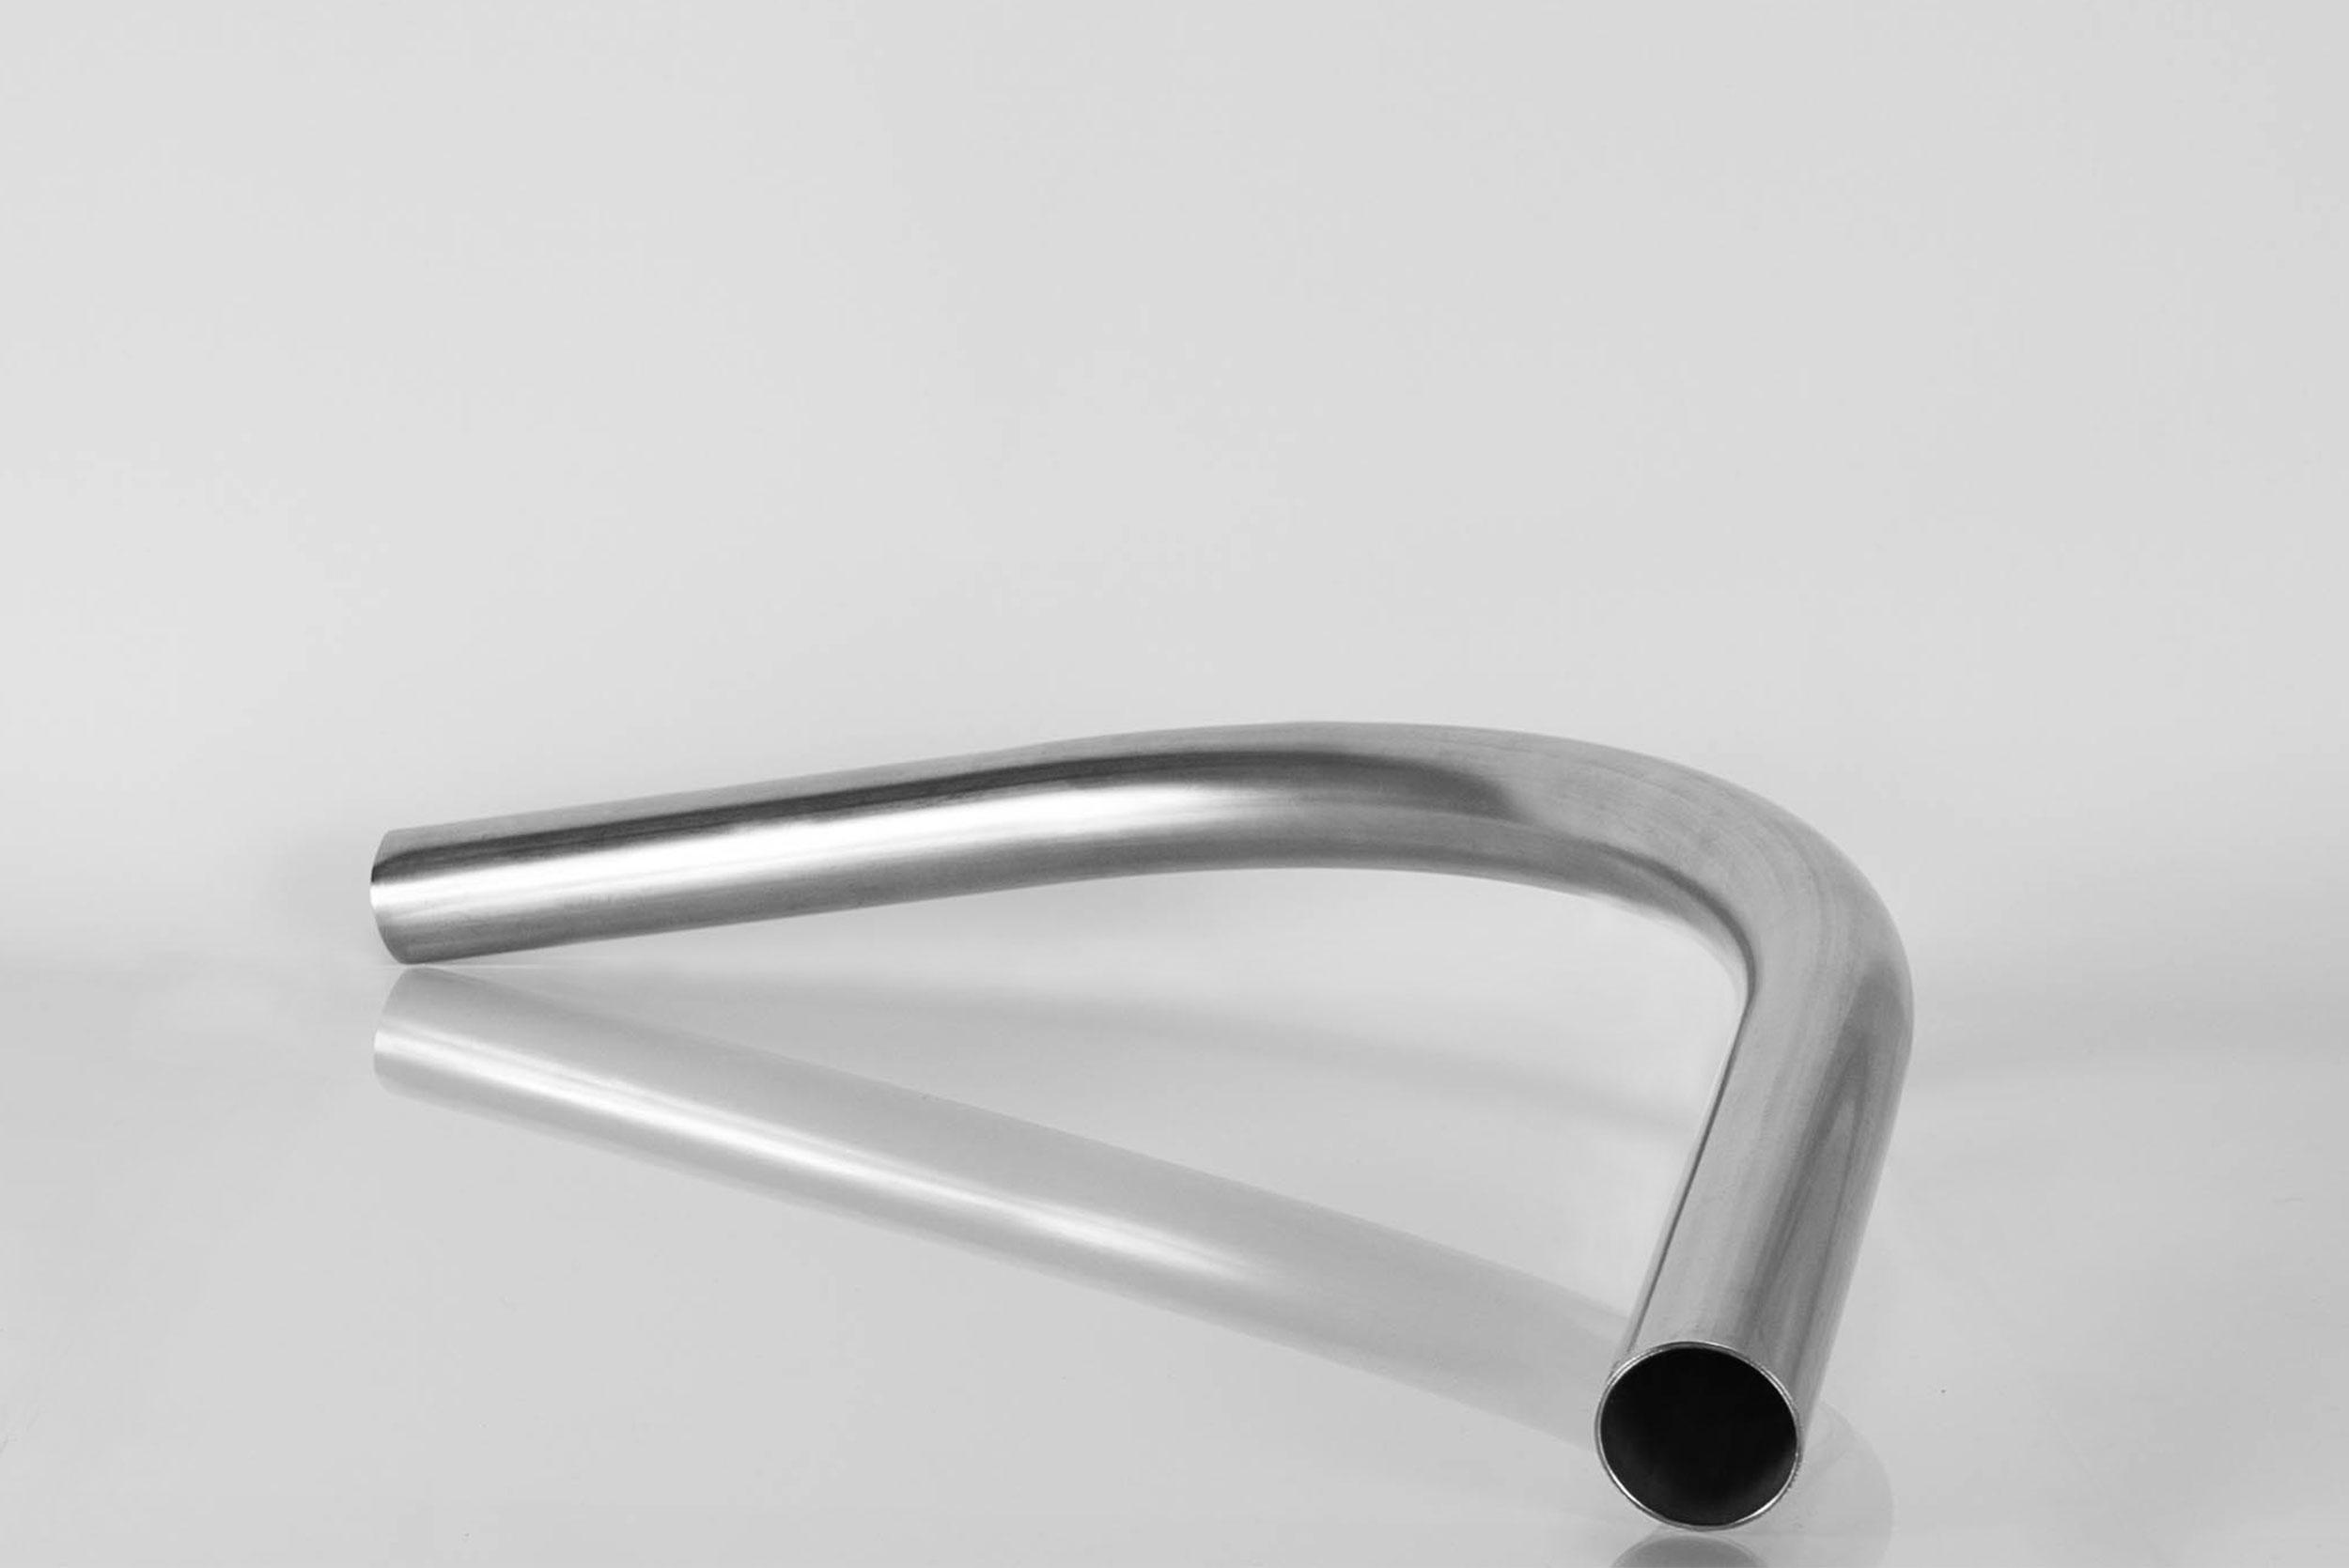 acier inoxydable L Ukoch Plateau de service en acier inoxydable pour usage dentaire ou m/édical Argent/é Taille L Argent/é.